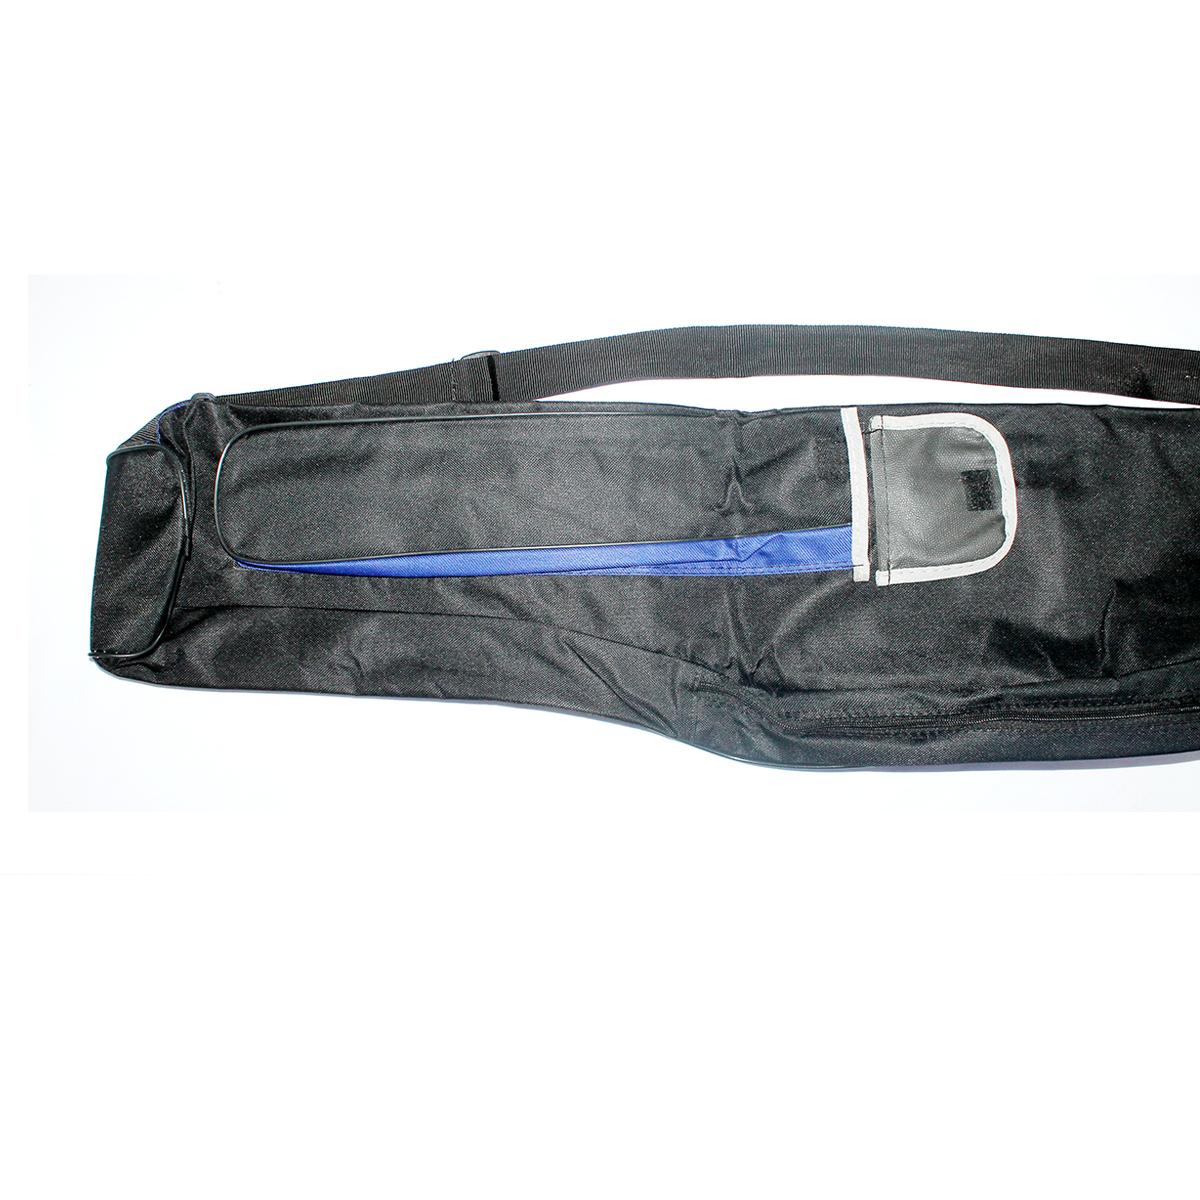 Túi Vải Đựng Cần Câu Máy Hai Khúc 3m3 Một Ngăn 165cm